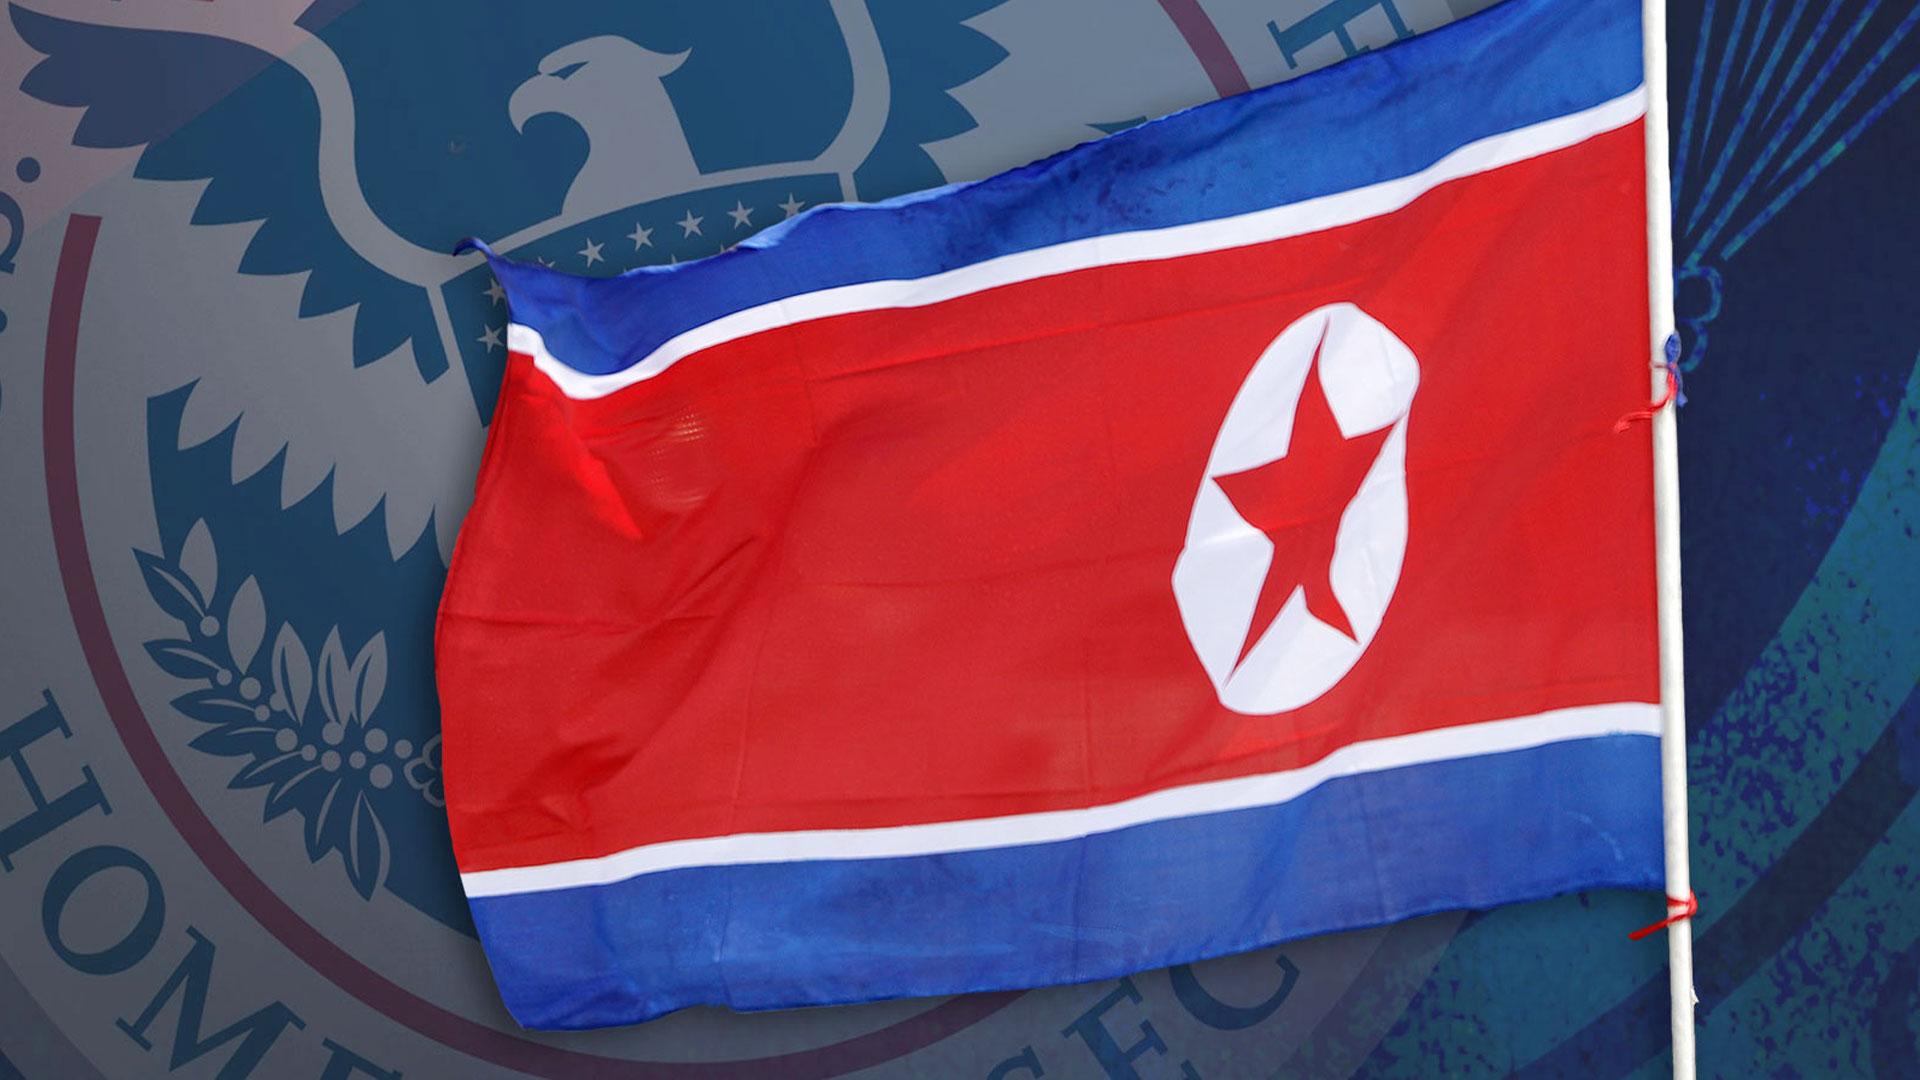 KELO North Korea United States